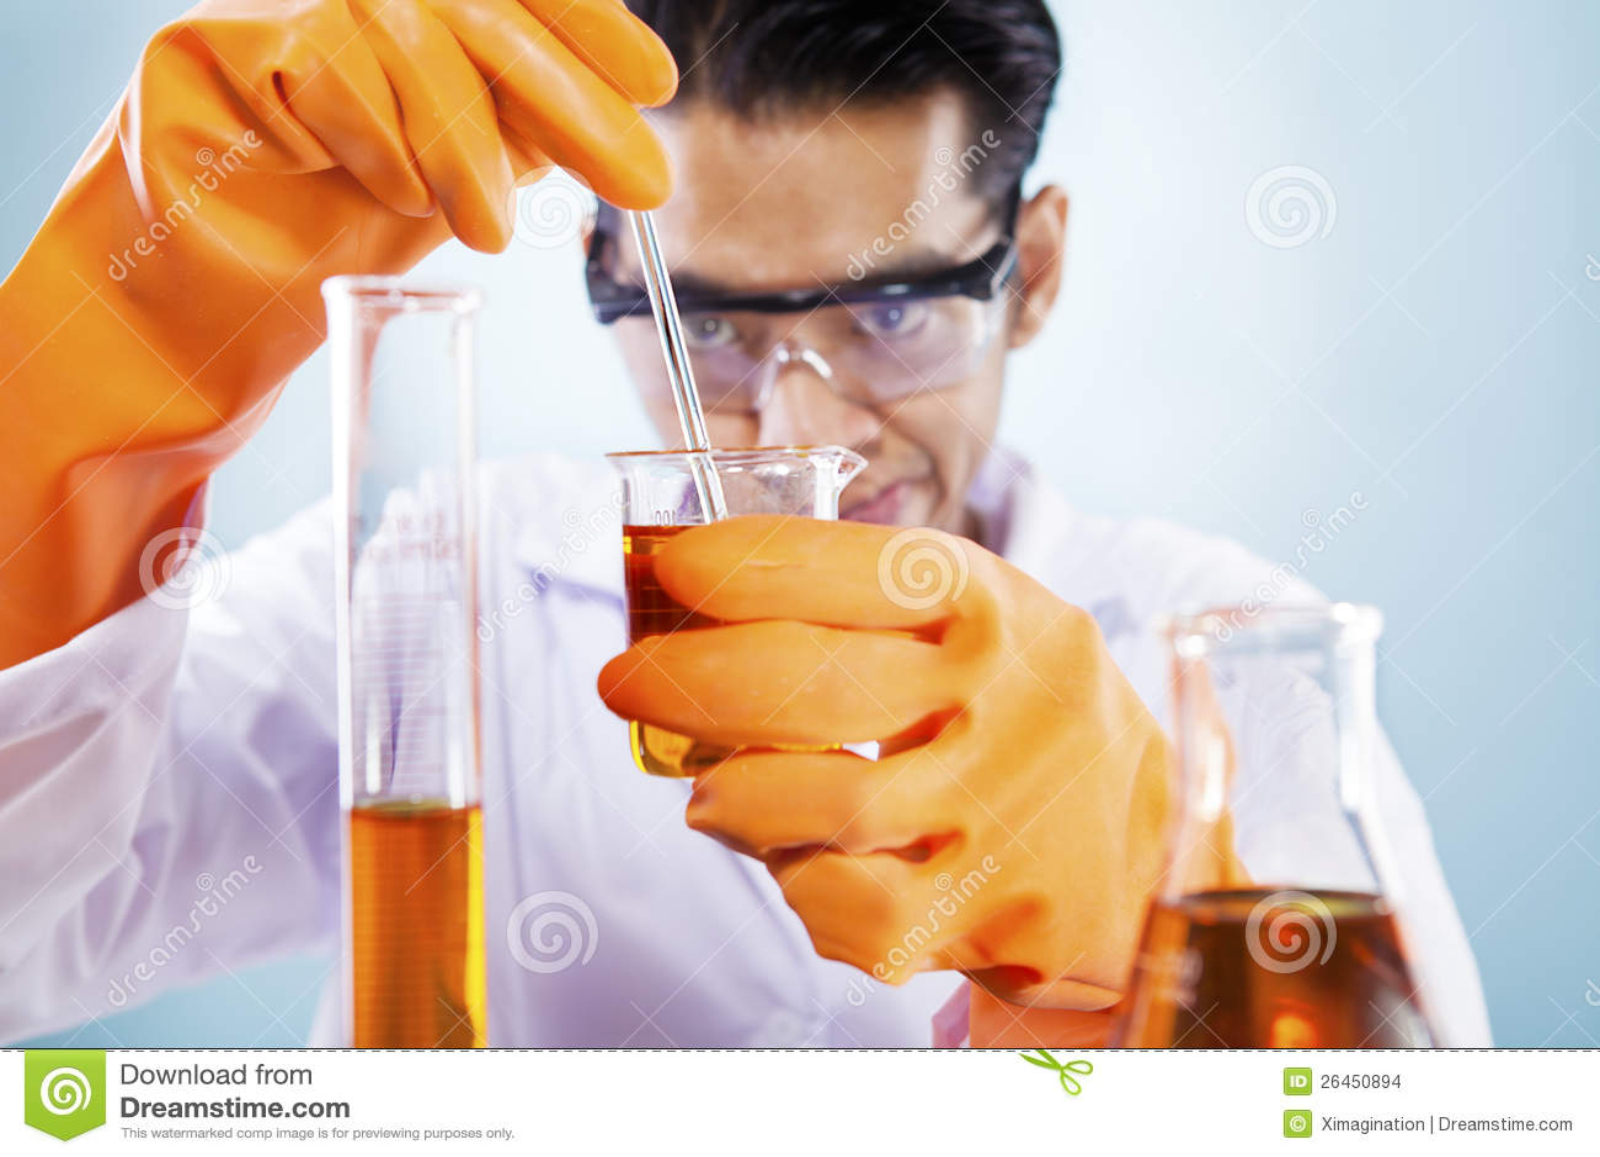 Naukowiec z substancjami chemicznymi